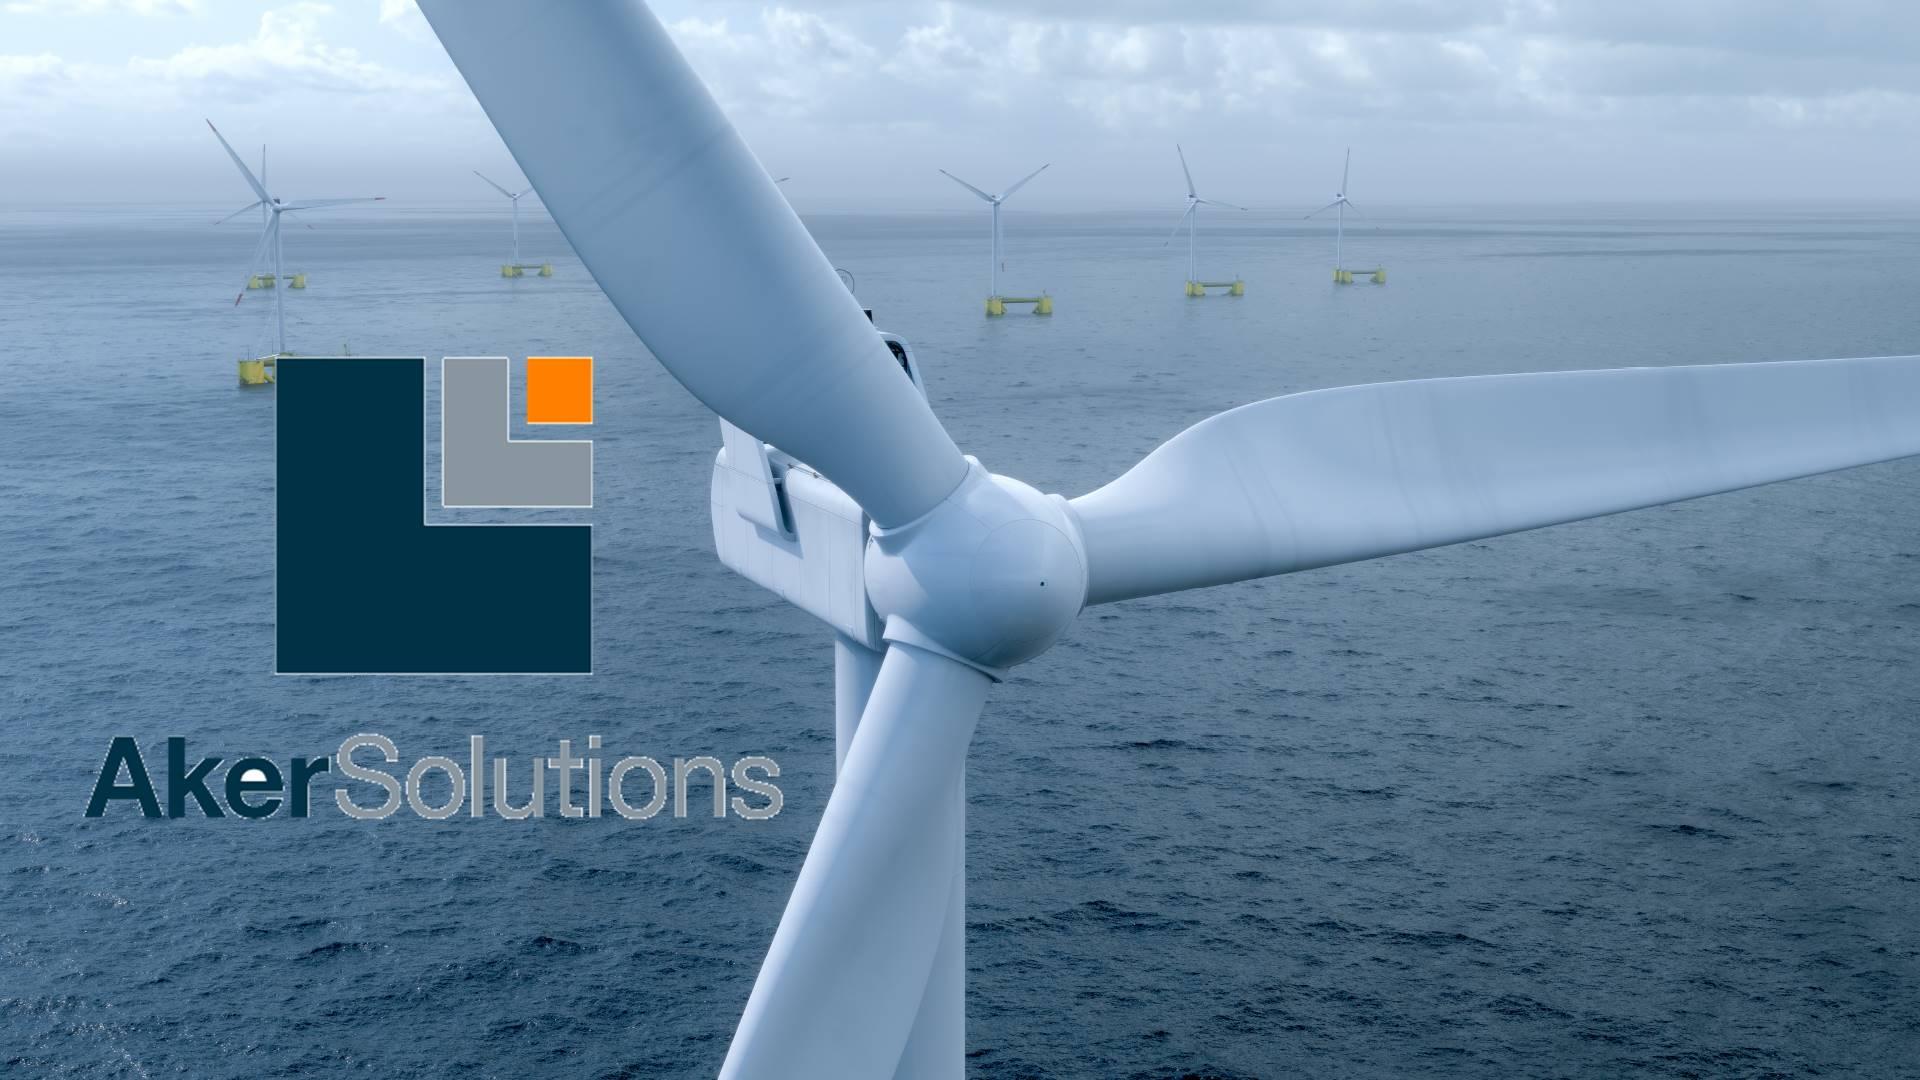 Aker Solutions ganha prêmio por desenvolvimento de energia renovável offshore